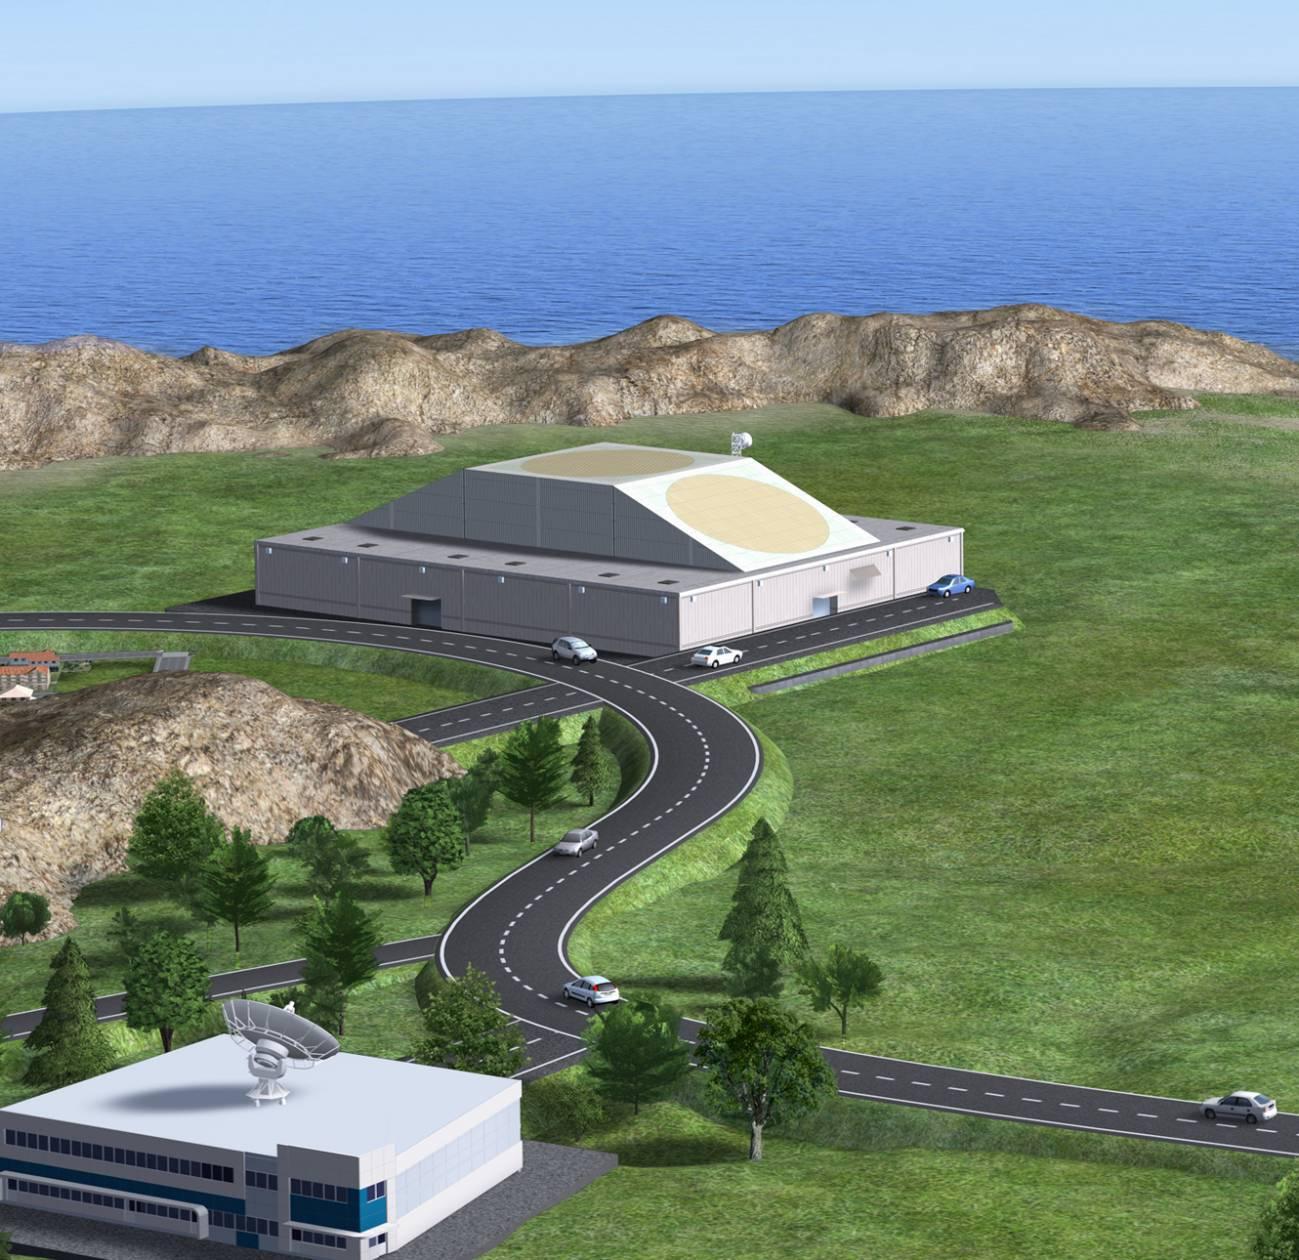 Recreación artística de un posible diseño para los nuevos radares. Imagen: ESA - P. Carrill.